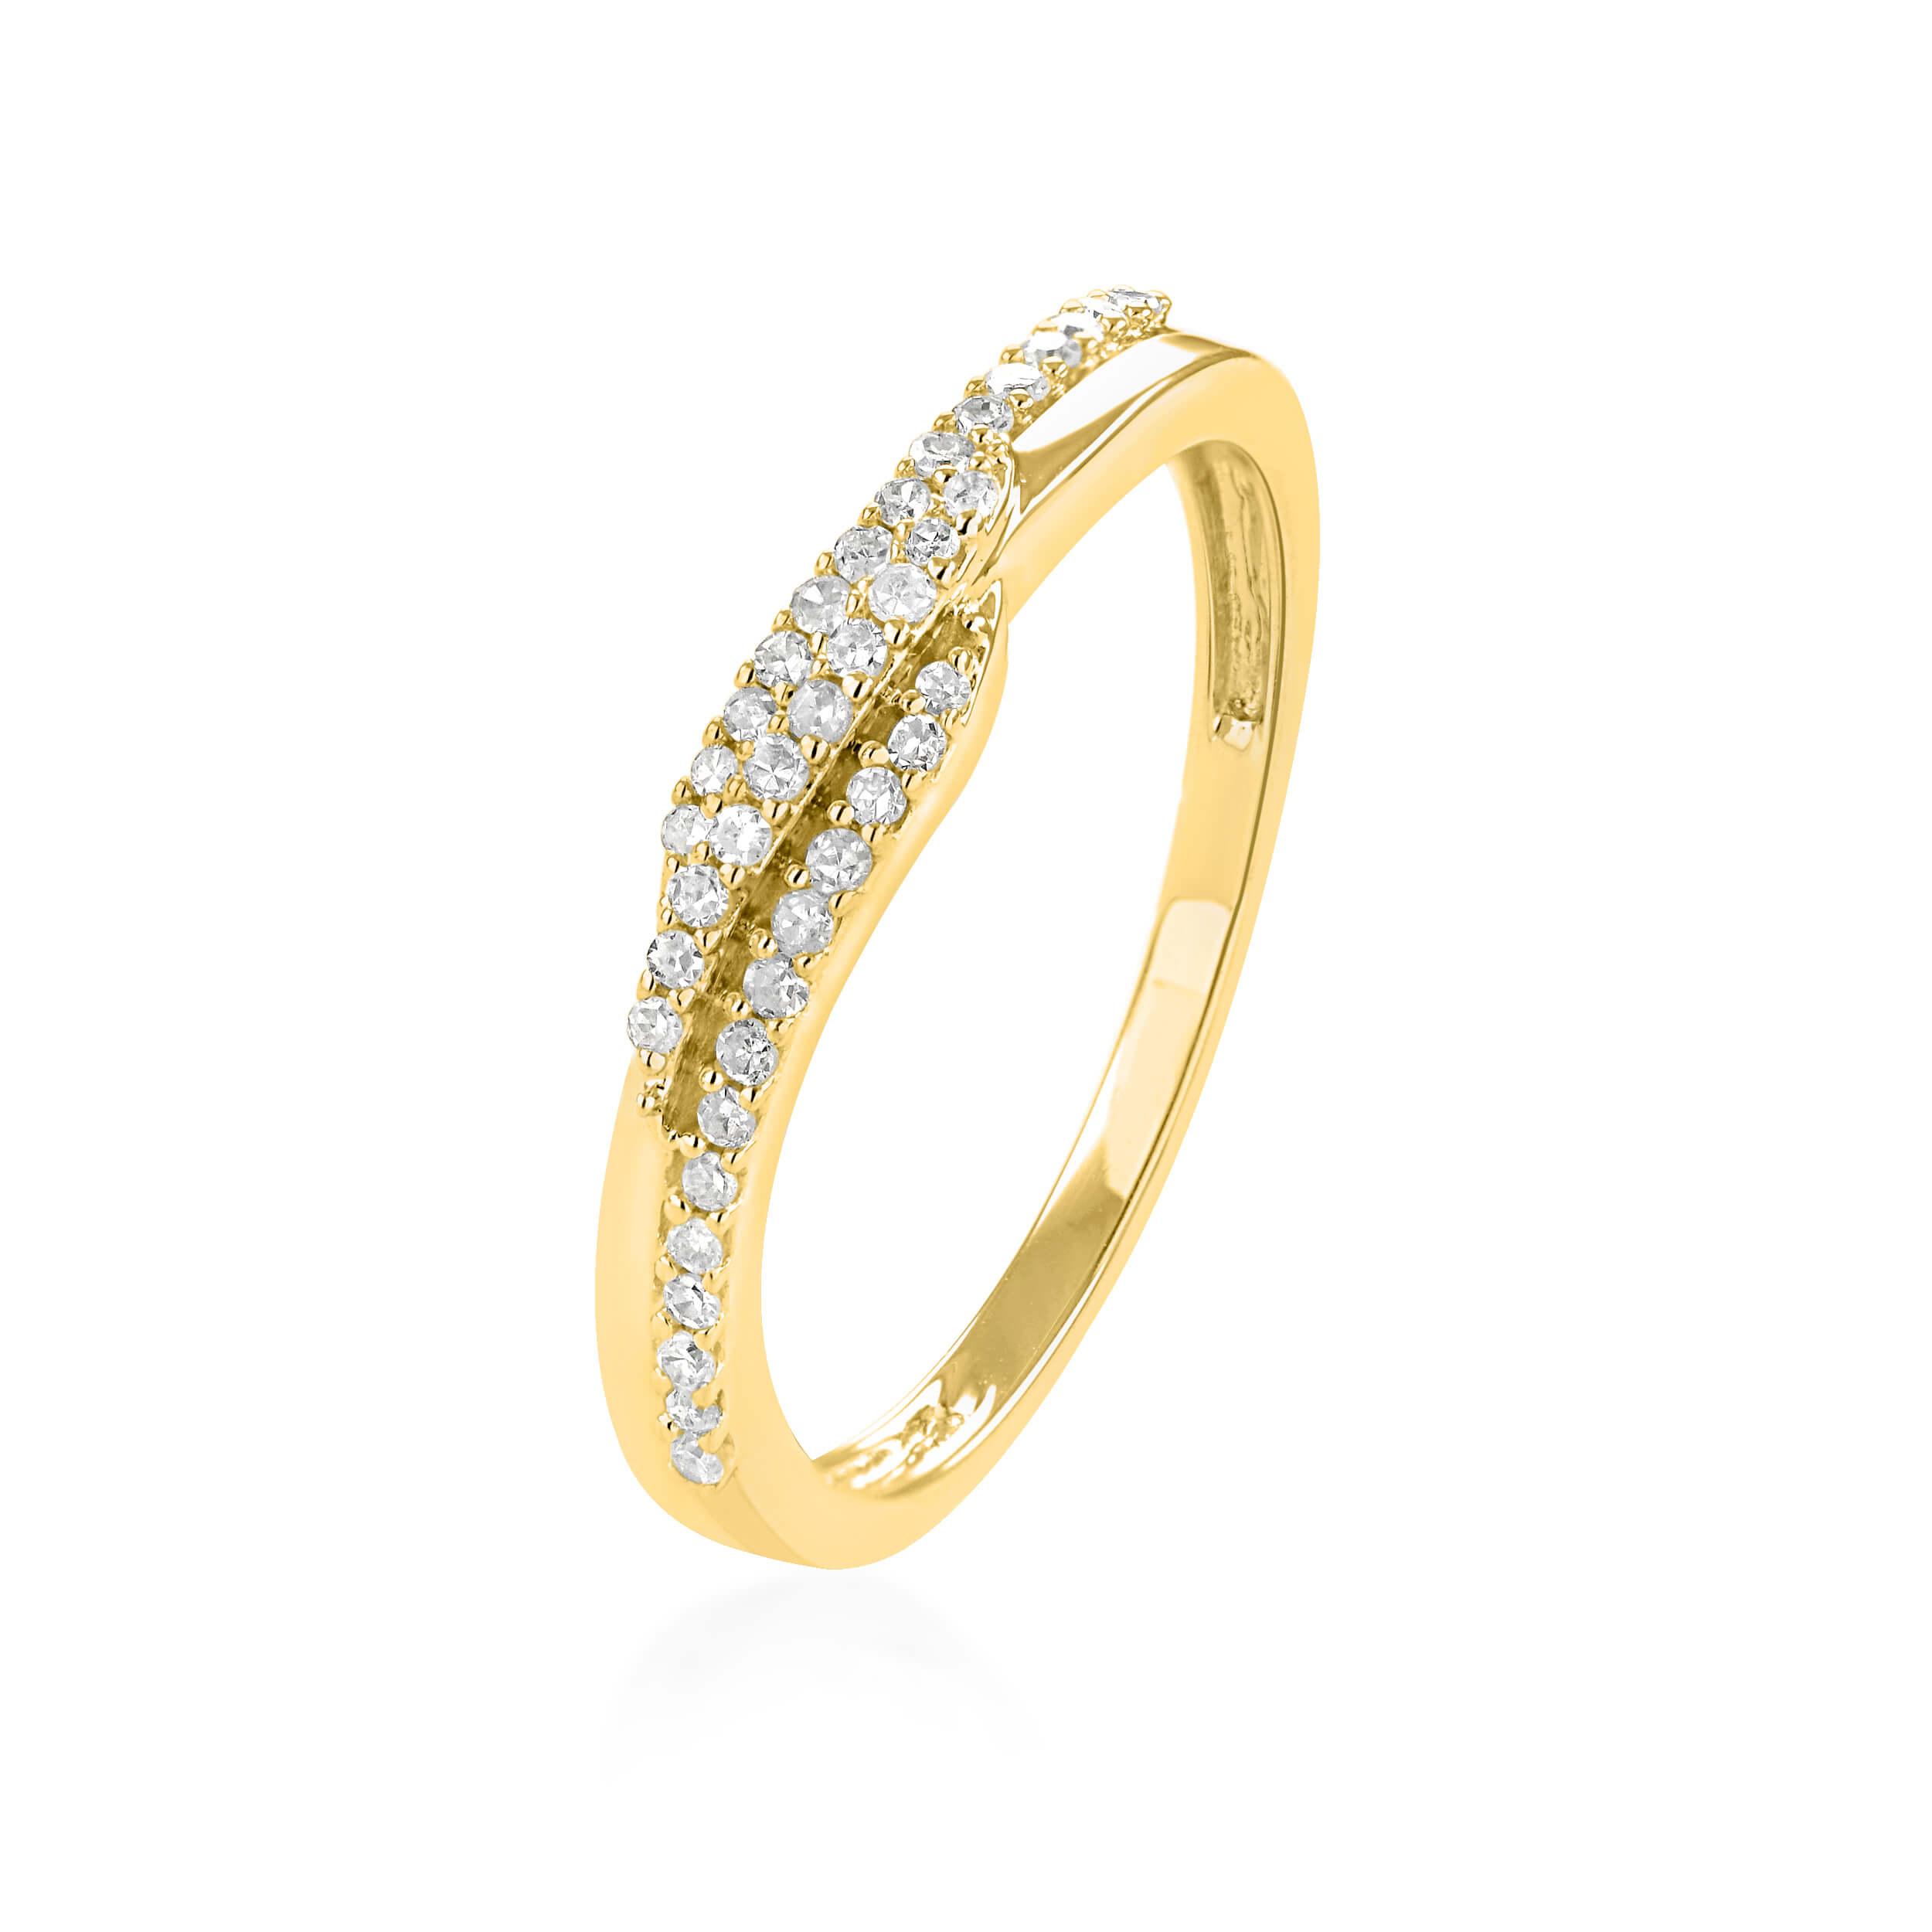 טבעת זהב צהוב 14 קראט משובצת יהלומים